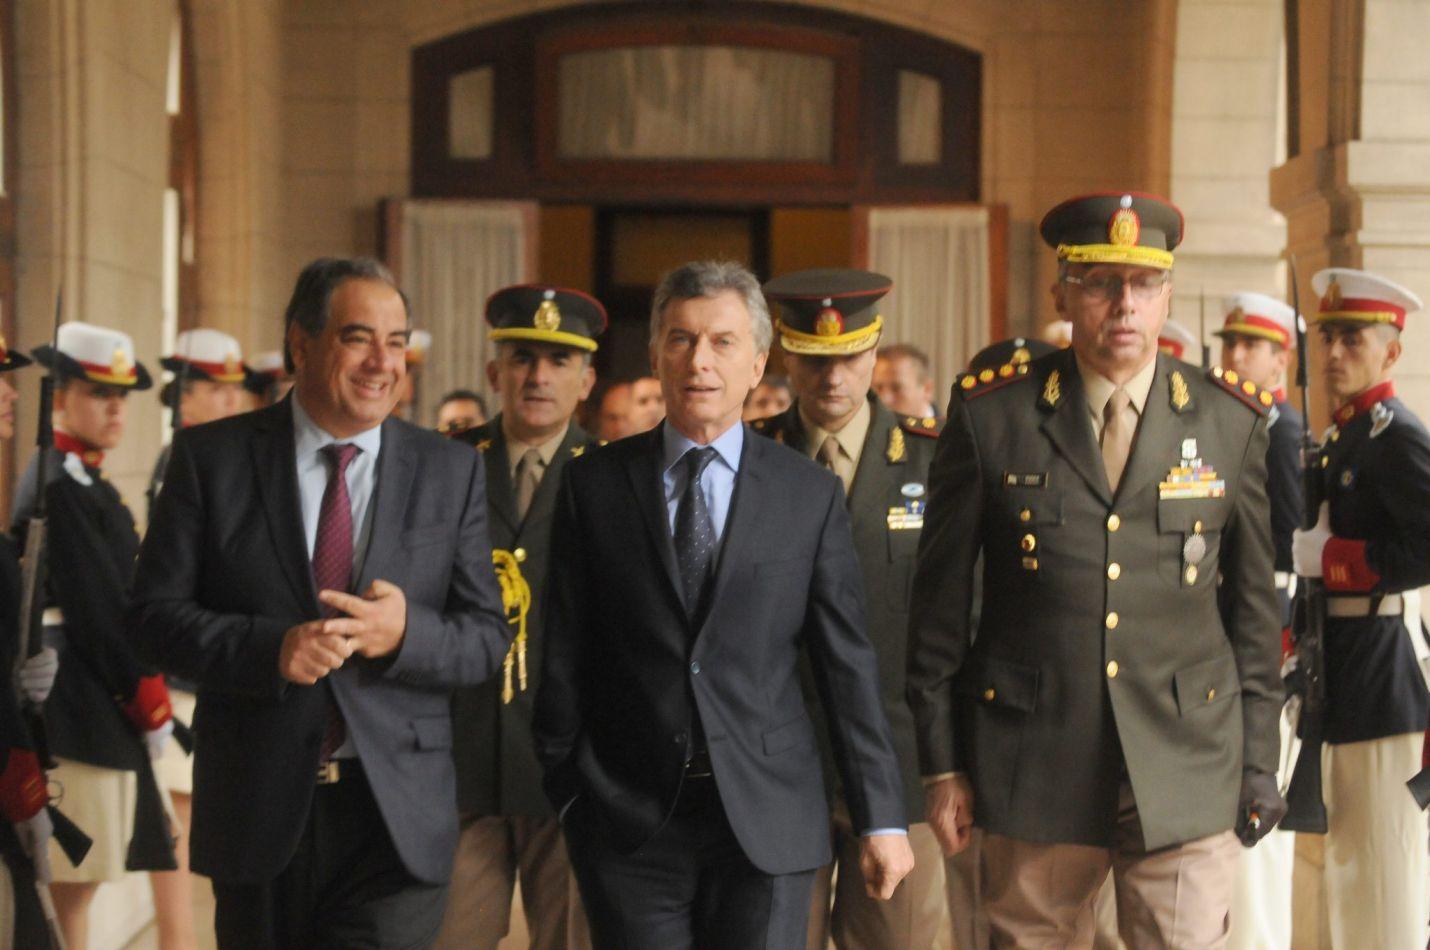 El presidente eludió la discusión en el Congreso y usará a los militares para acciones de seguridad interior.